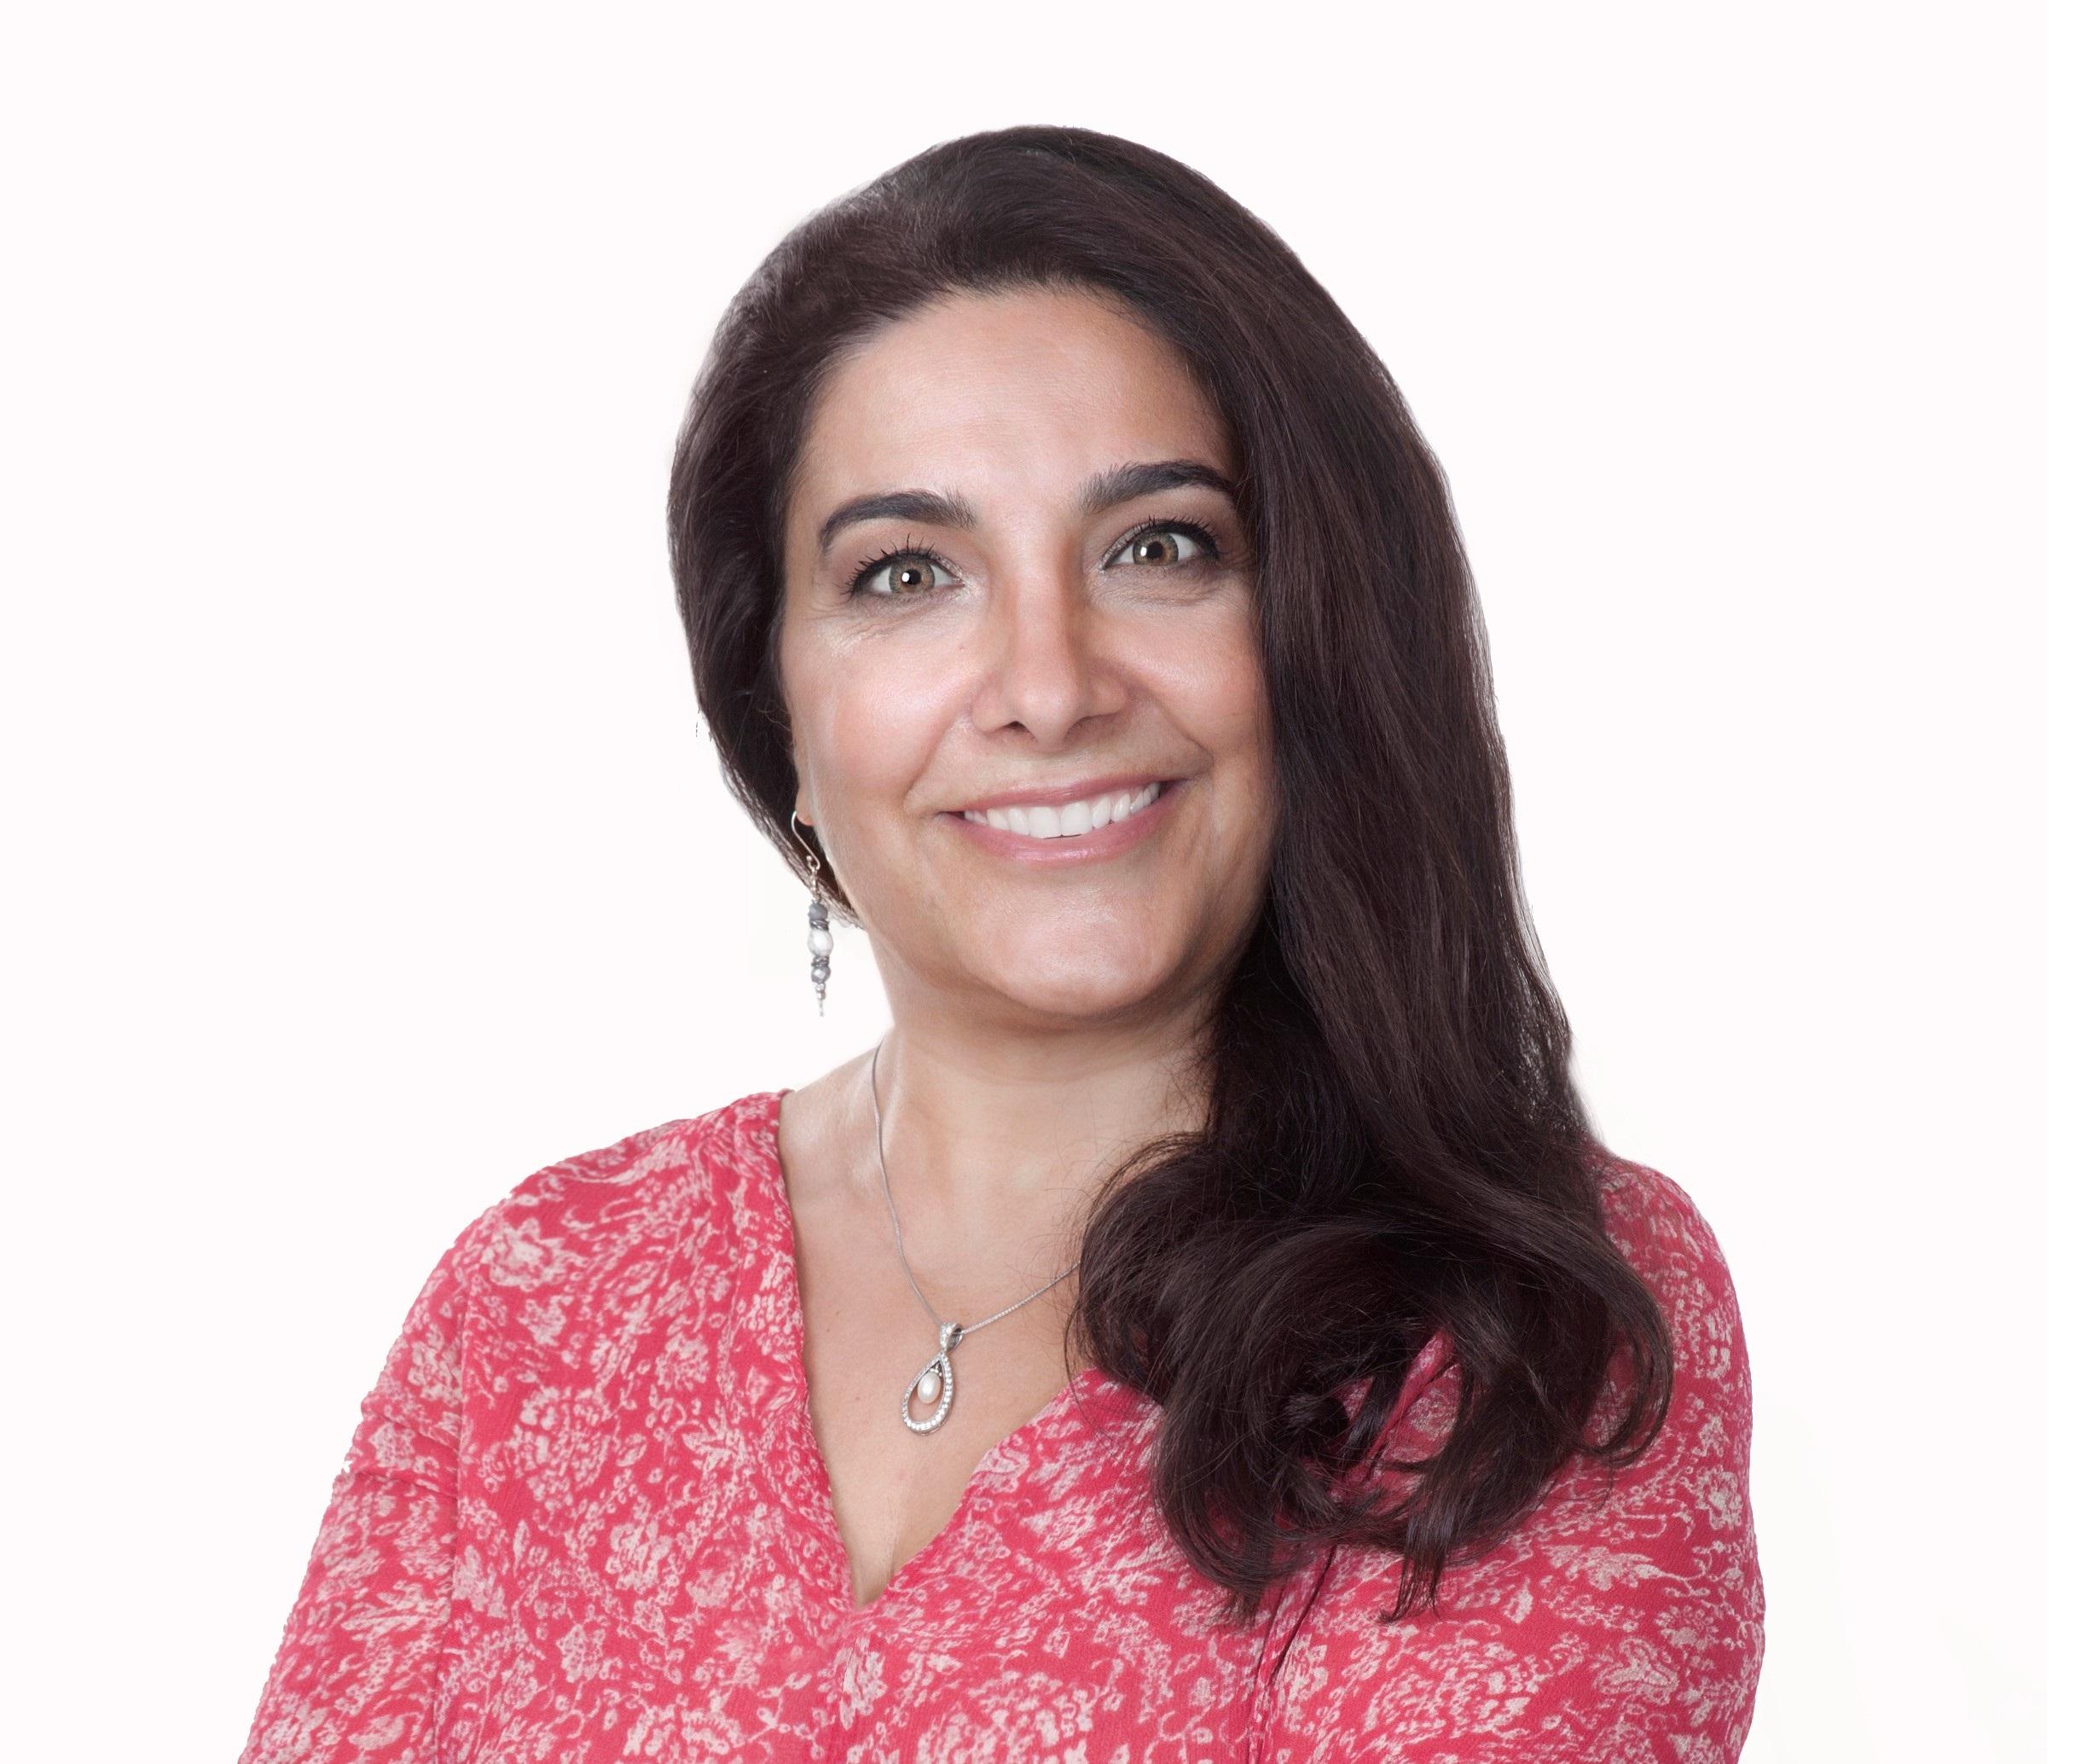 Dr. Chantal Matar